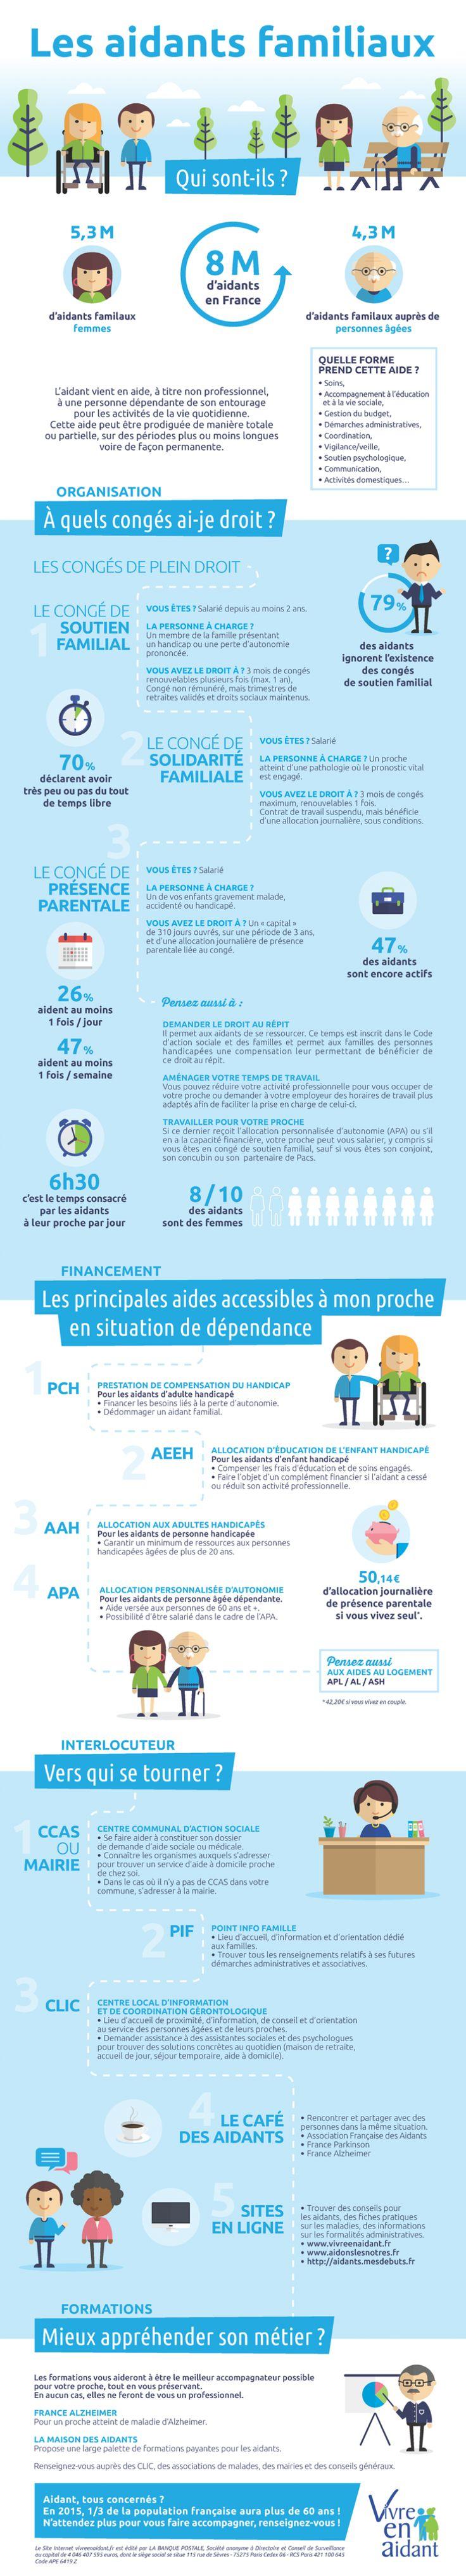 Infographie Aidant familial, Aide à la personne